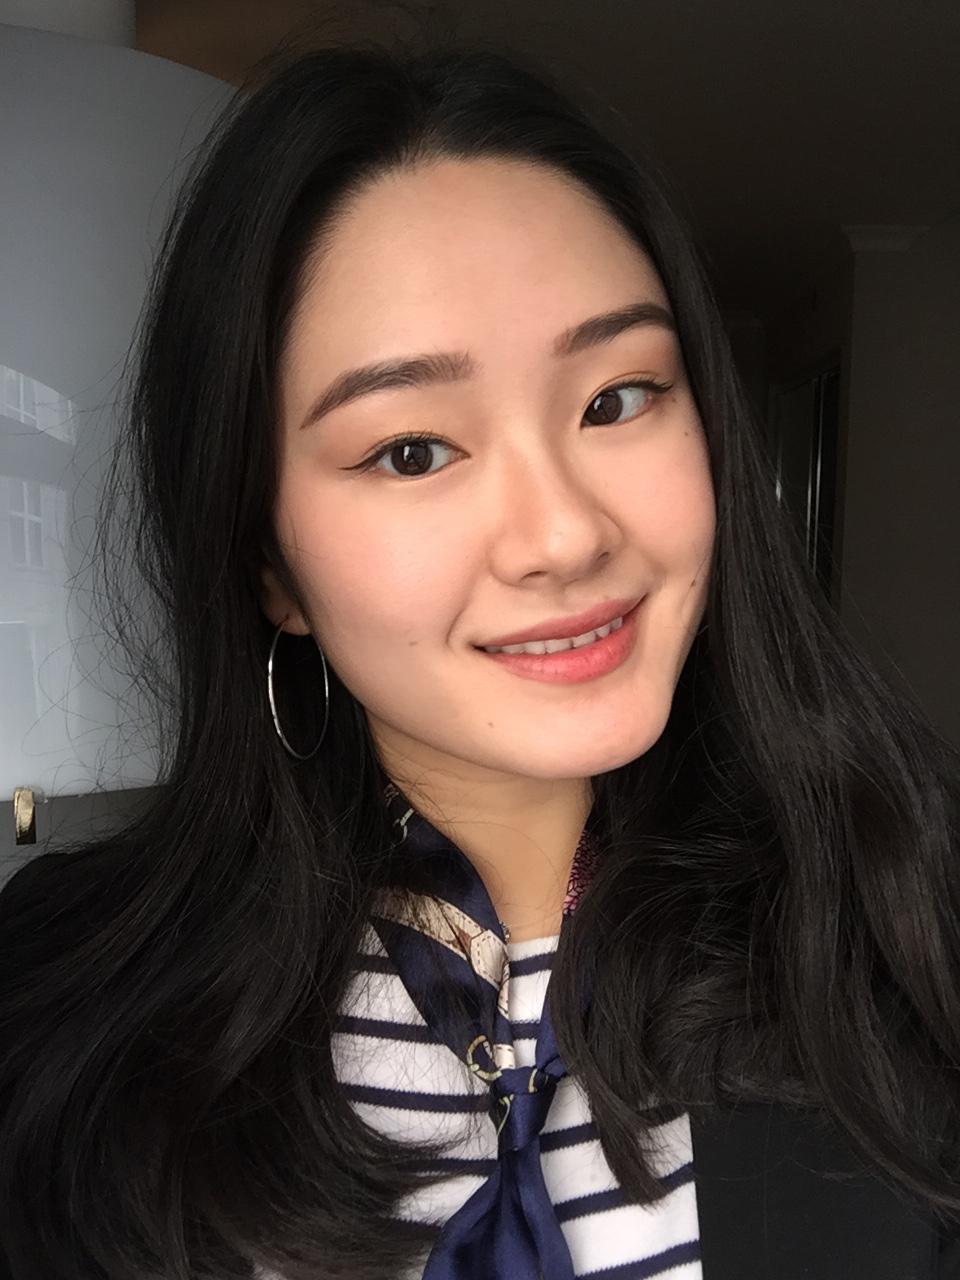 Doreen (Jie) Shen